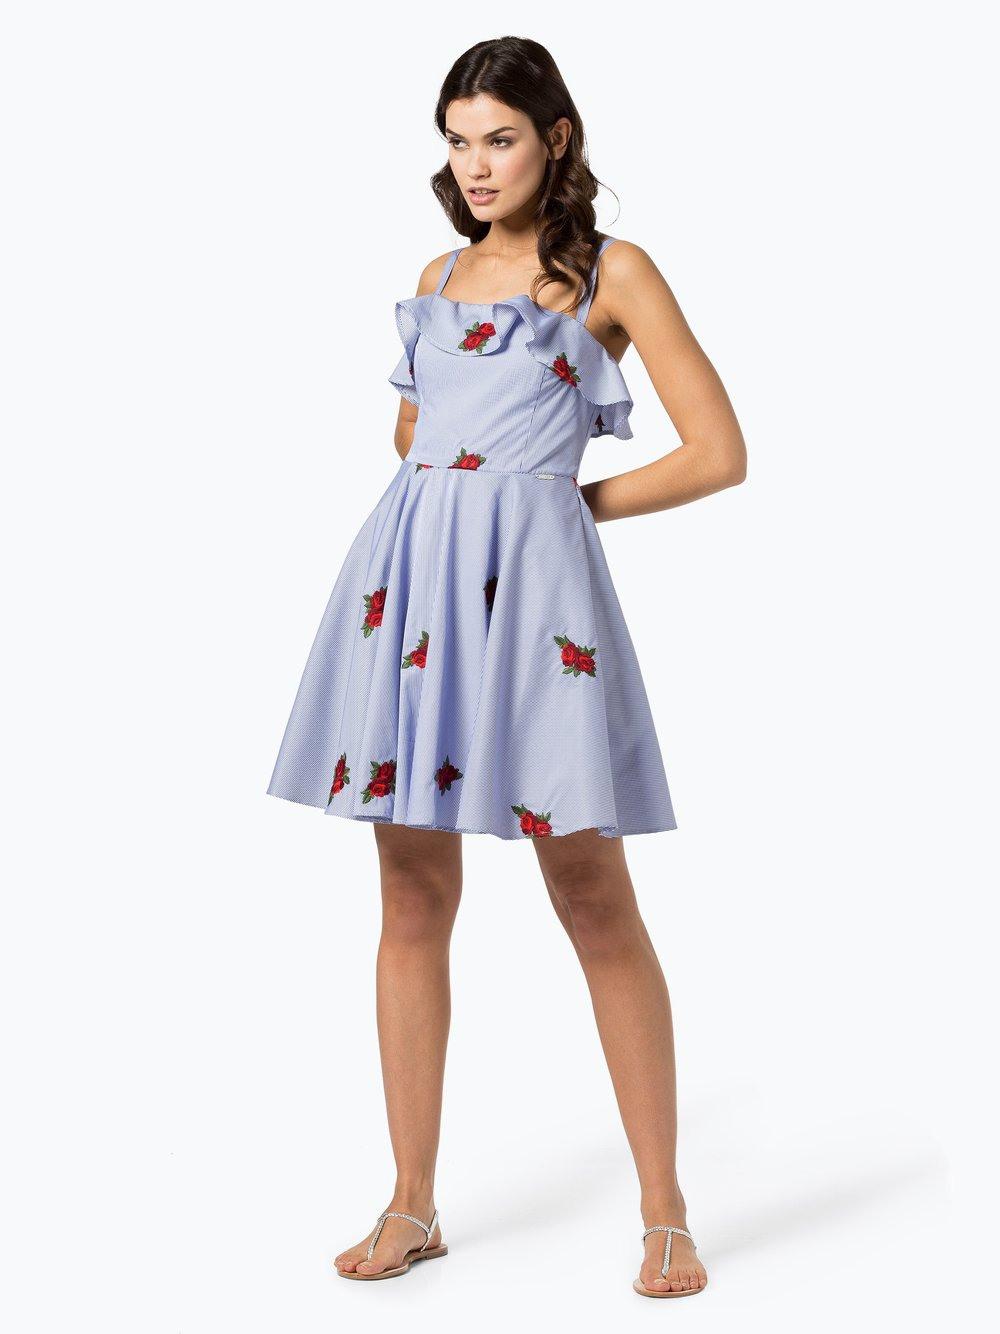 20 Genial Guess Abend Kleid StylishDesigner Schön Guess Abend Kleid für 2019